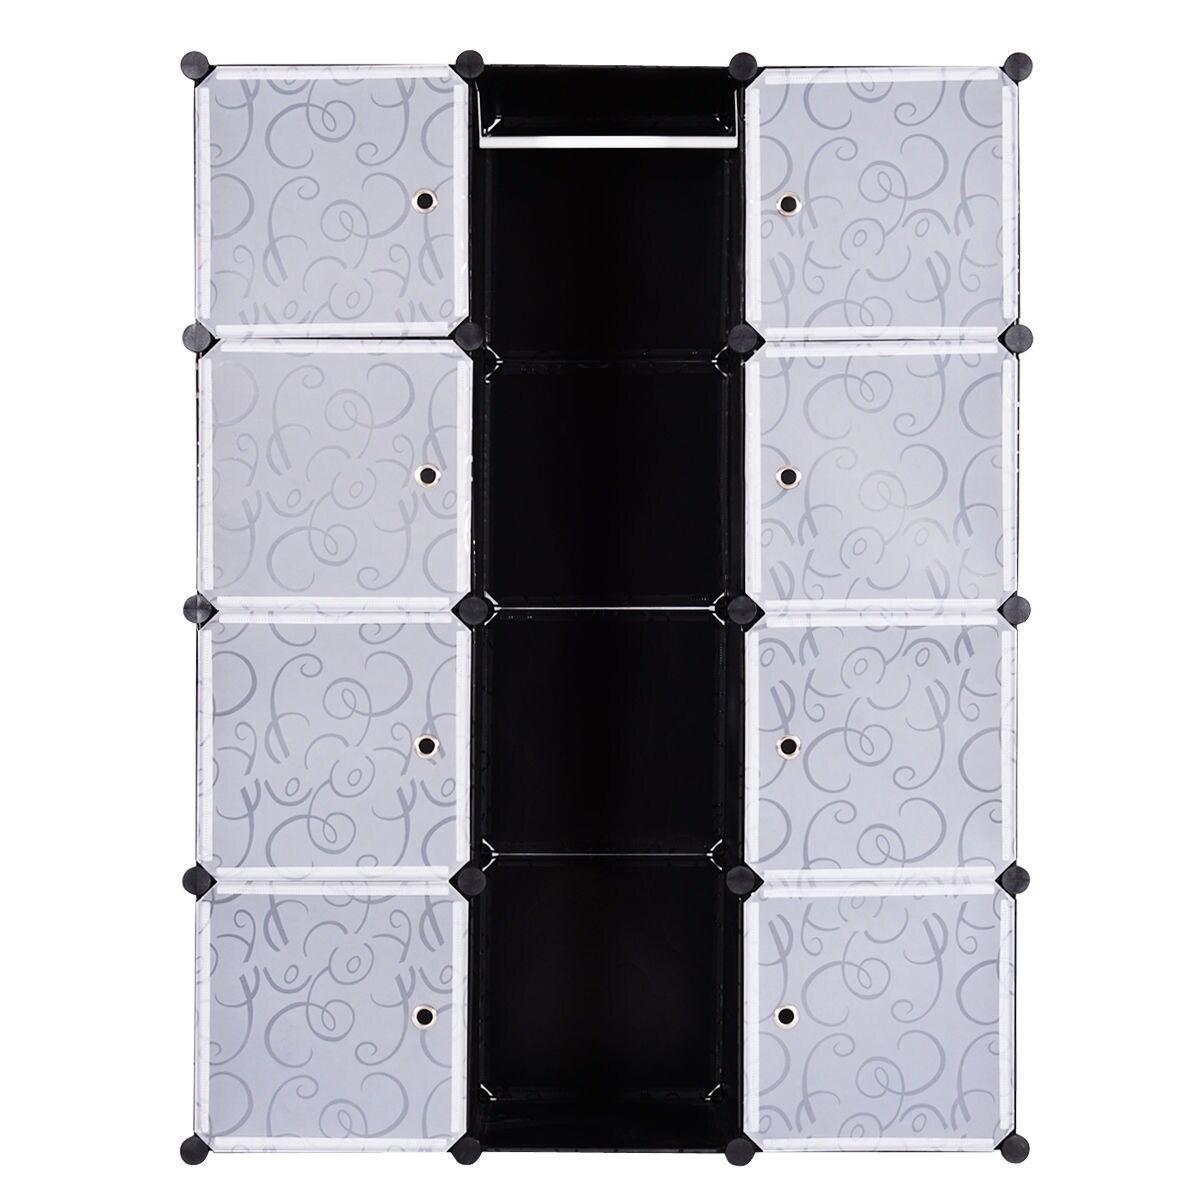 Costway Diy 12 Cube Portable Closet Storage Organizer Clothes Wardrobe Cabinet W Doors